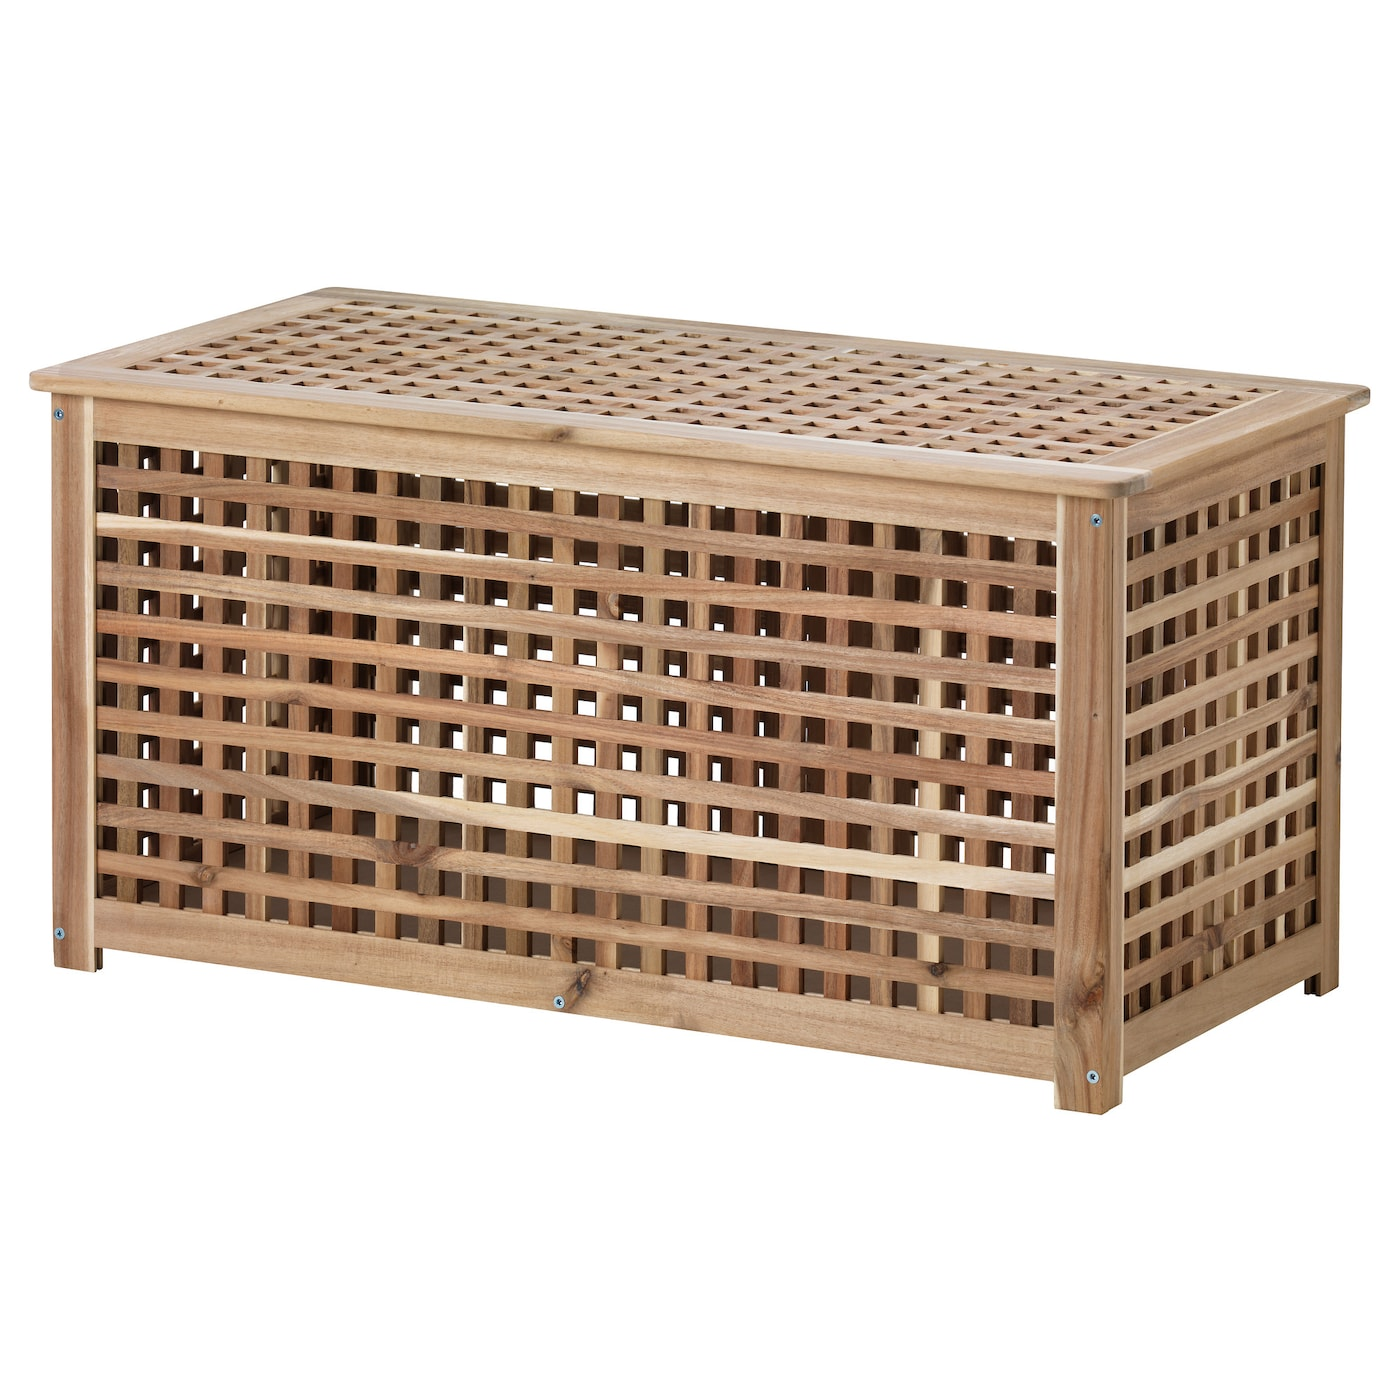 Solutions De Rangement Ikea Hol En Bois Boite De Stockage Panier A Linge Side Table Maison Whpropiedades Cl